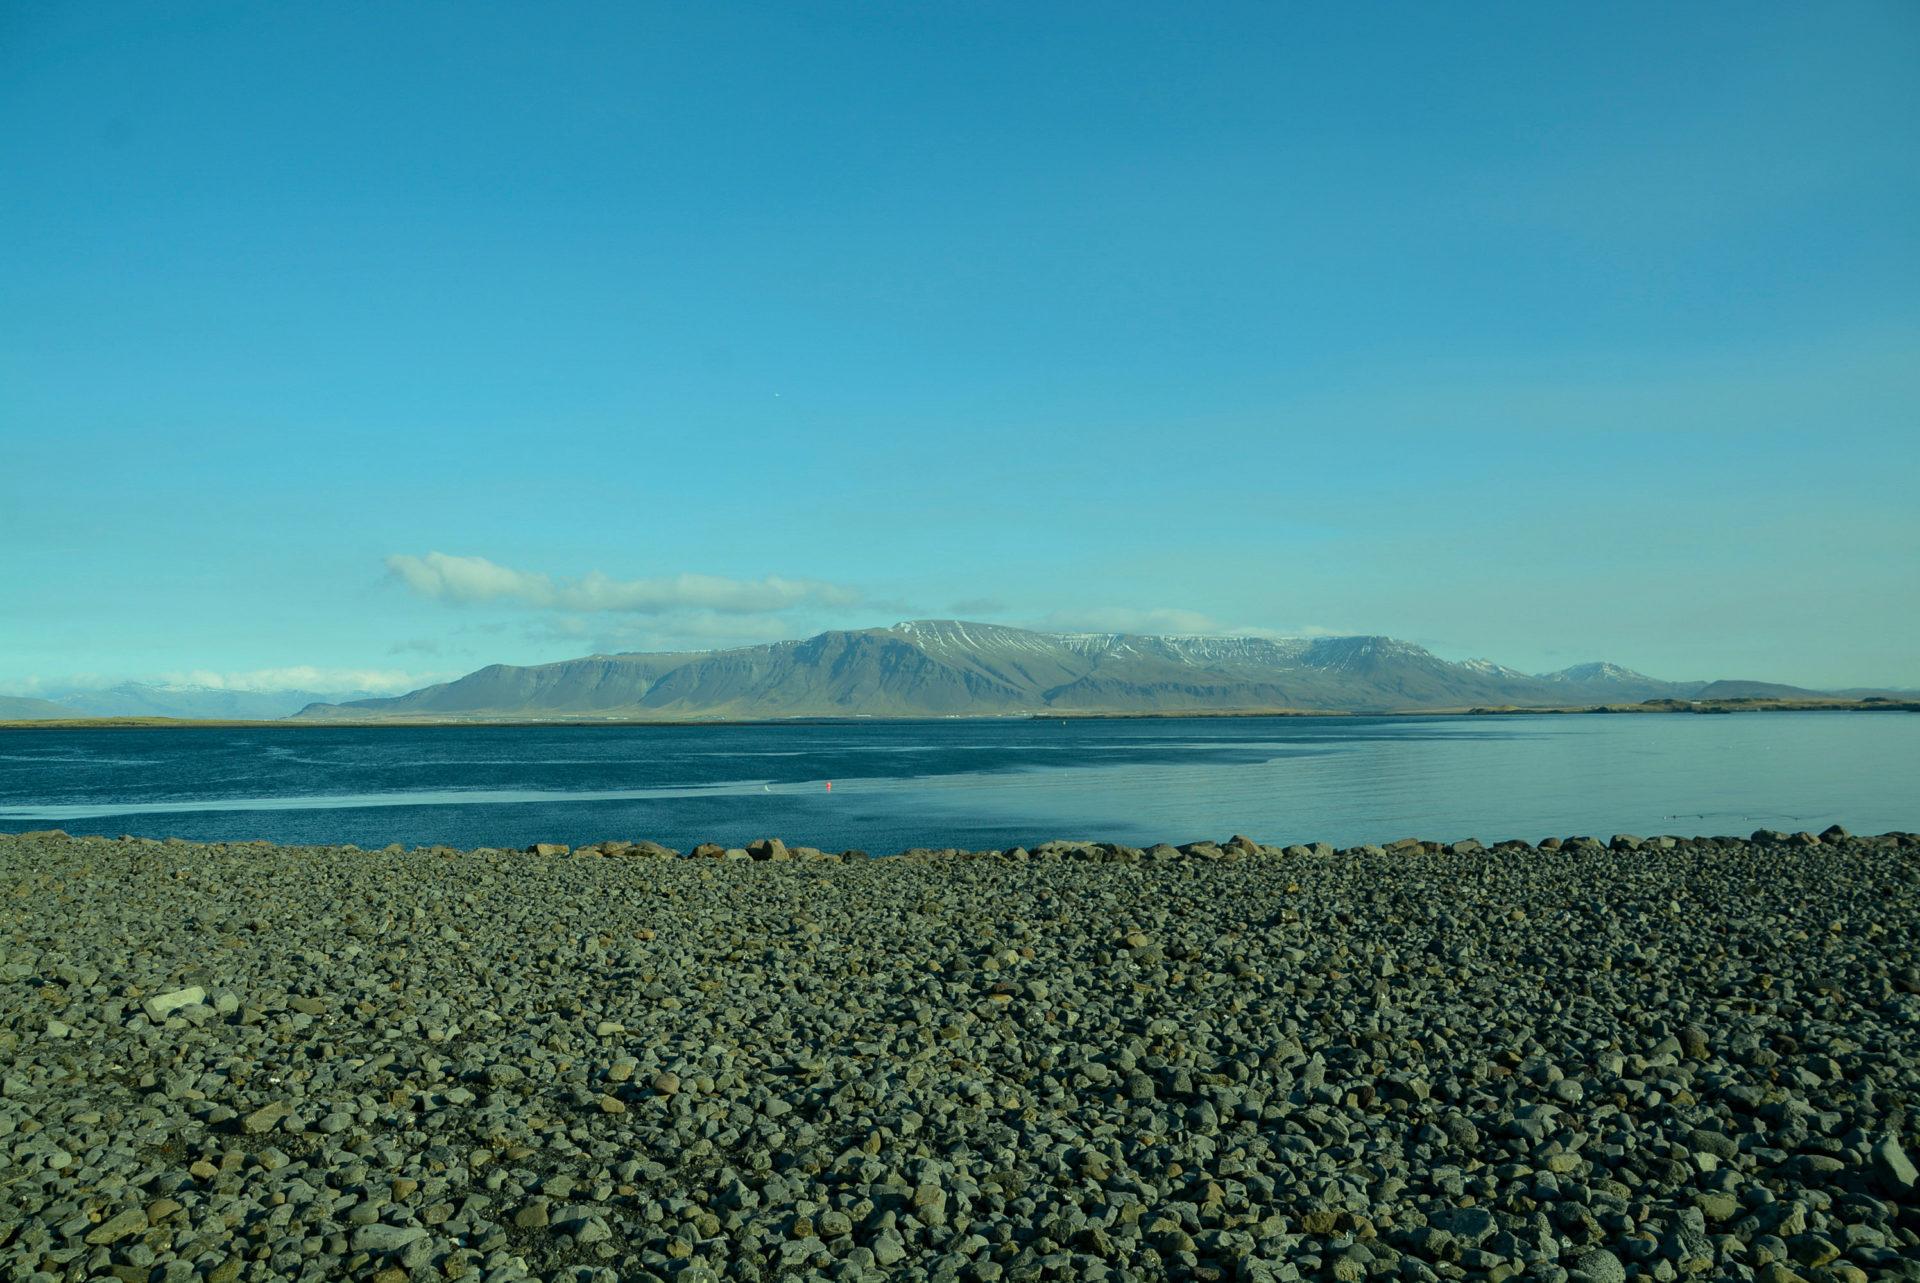 Die Bucht von Reykjavik ist der Ausgangspunkt für die Route durch den Golden Circle in Island